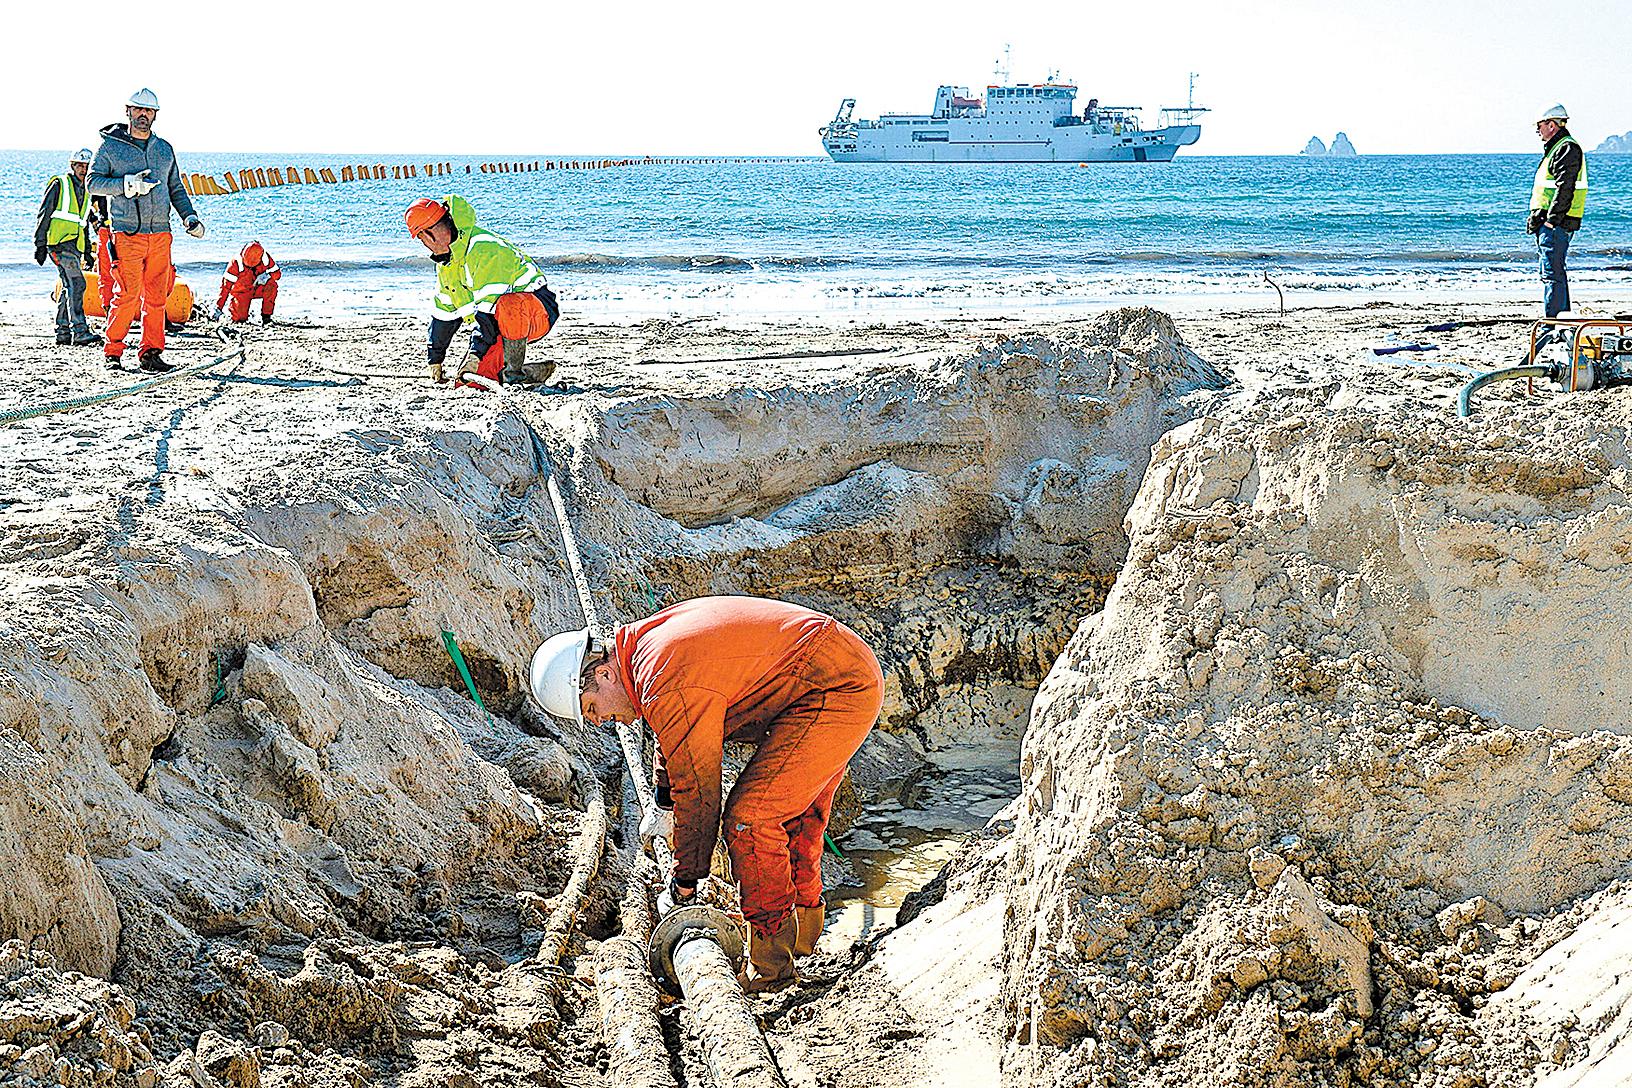 圖為2016年3月1日,工人在法國南部La Seyne-sur-Mer海灘安裝超高速海底電纜。(Getty Images)